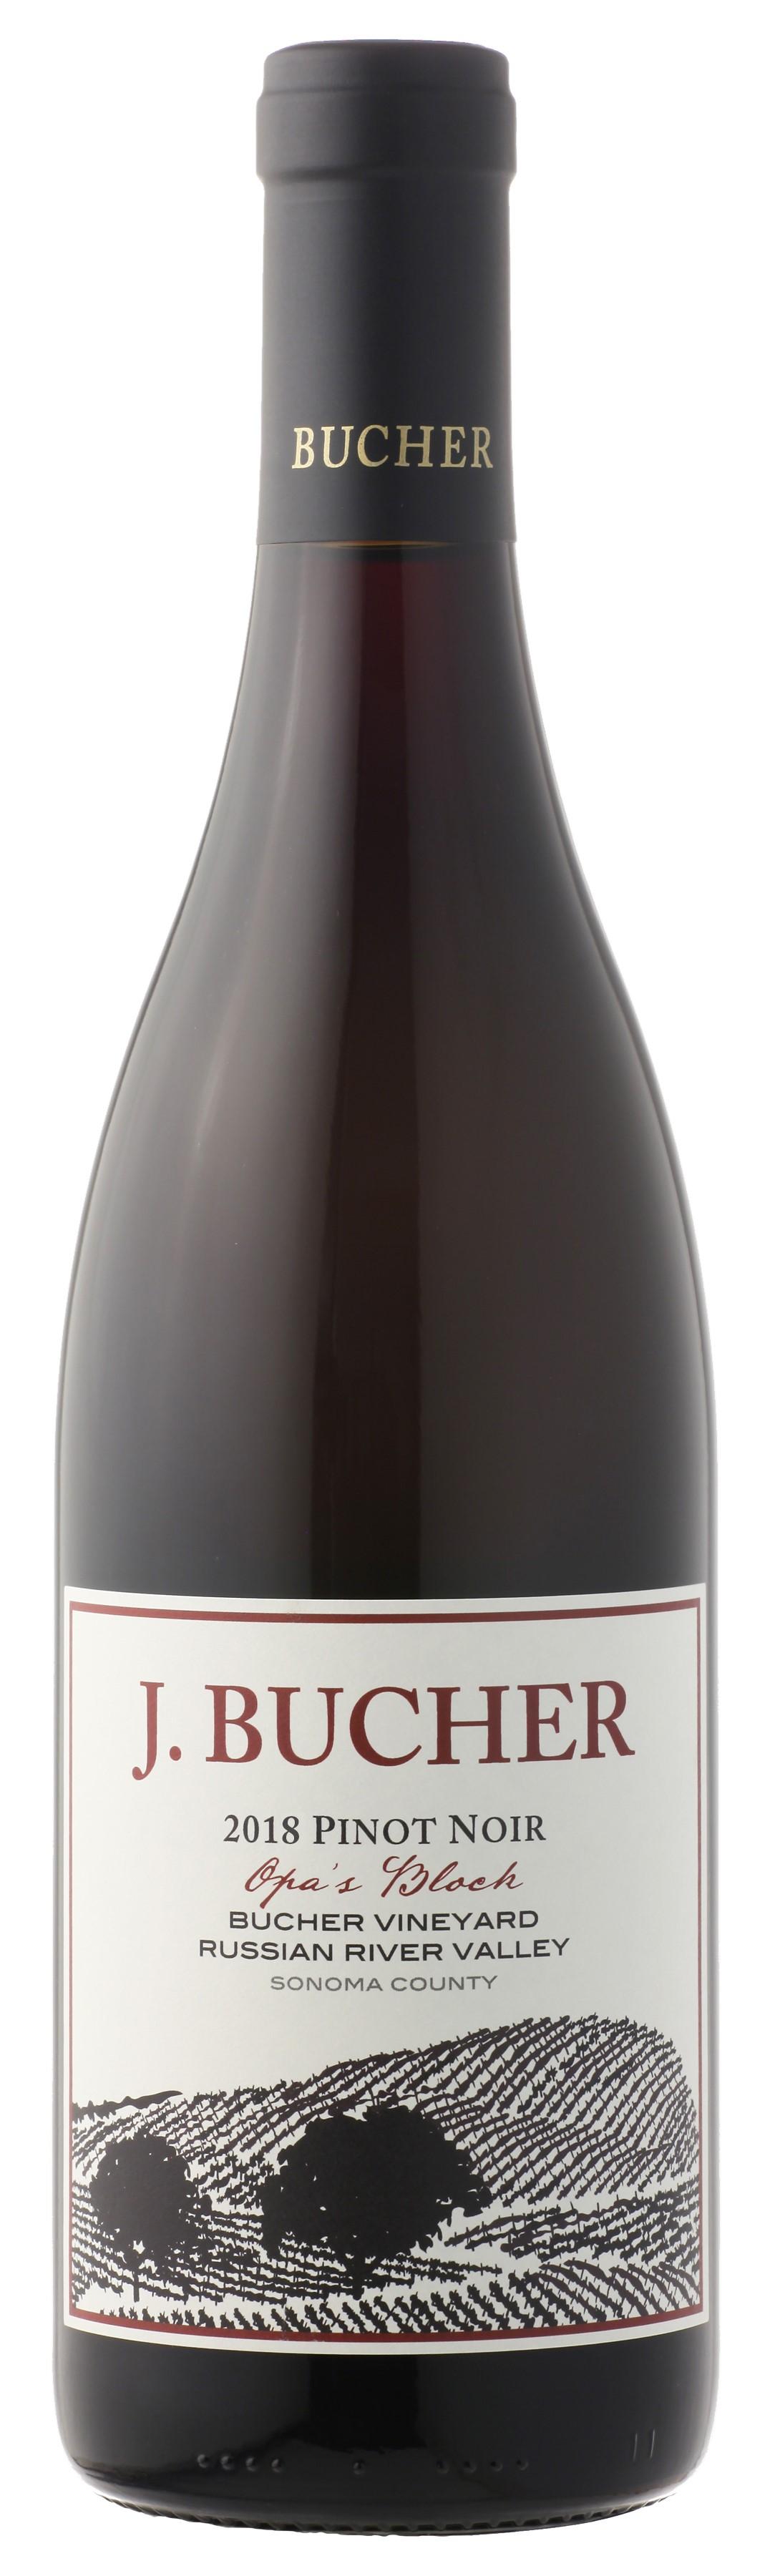 2018 Pinot Noir Opa's Block Bucher Vineyard Russian River Valley